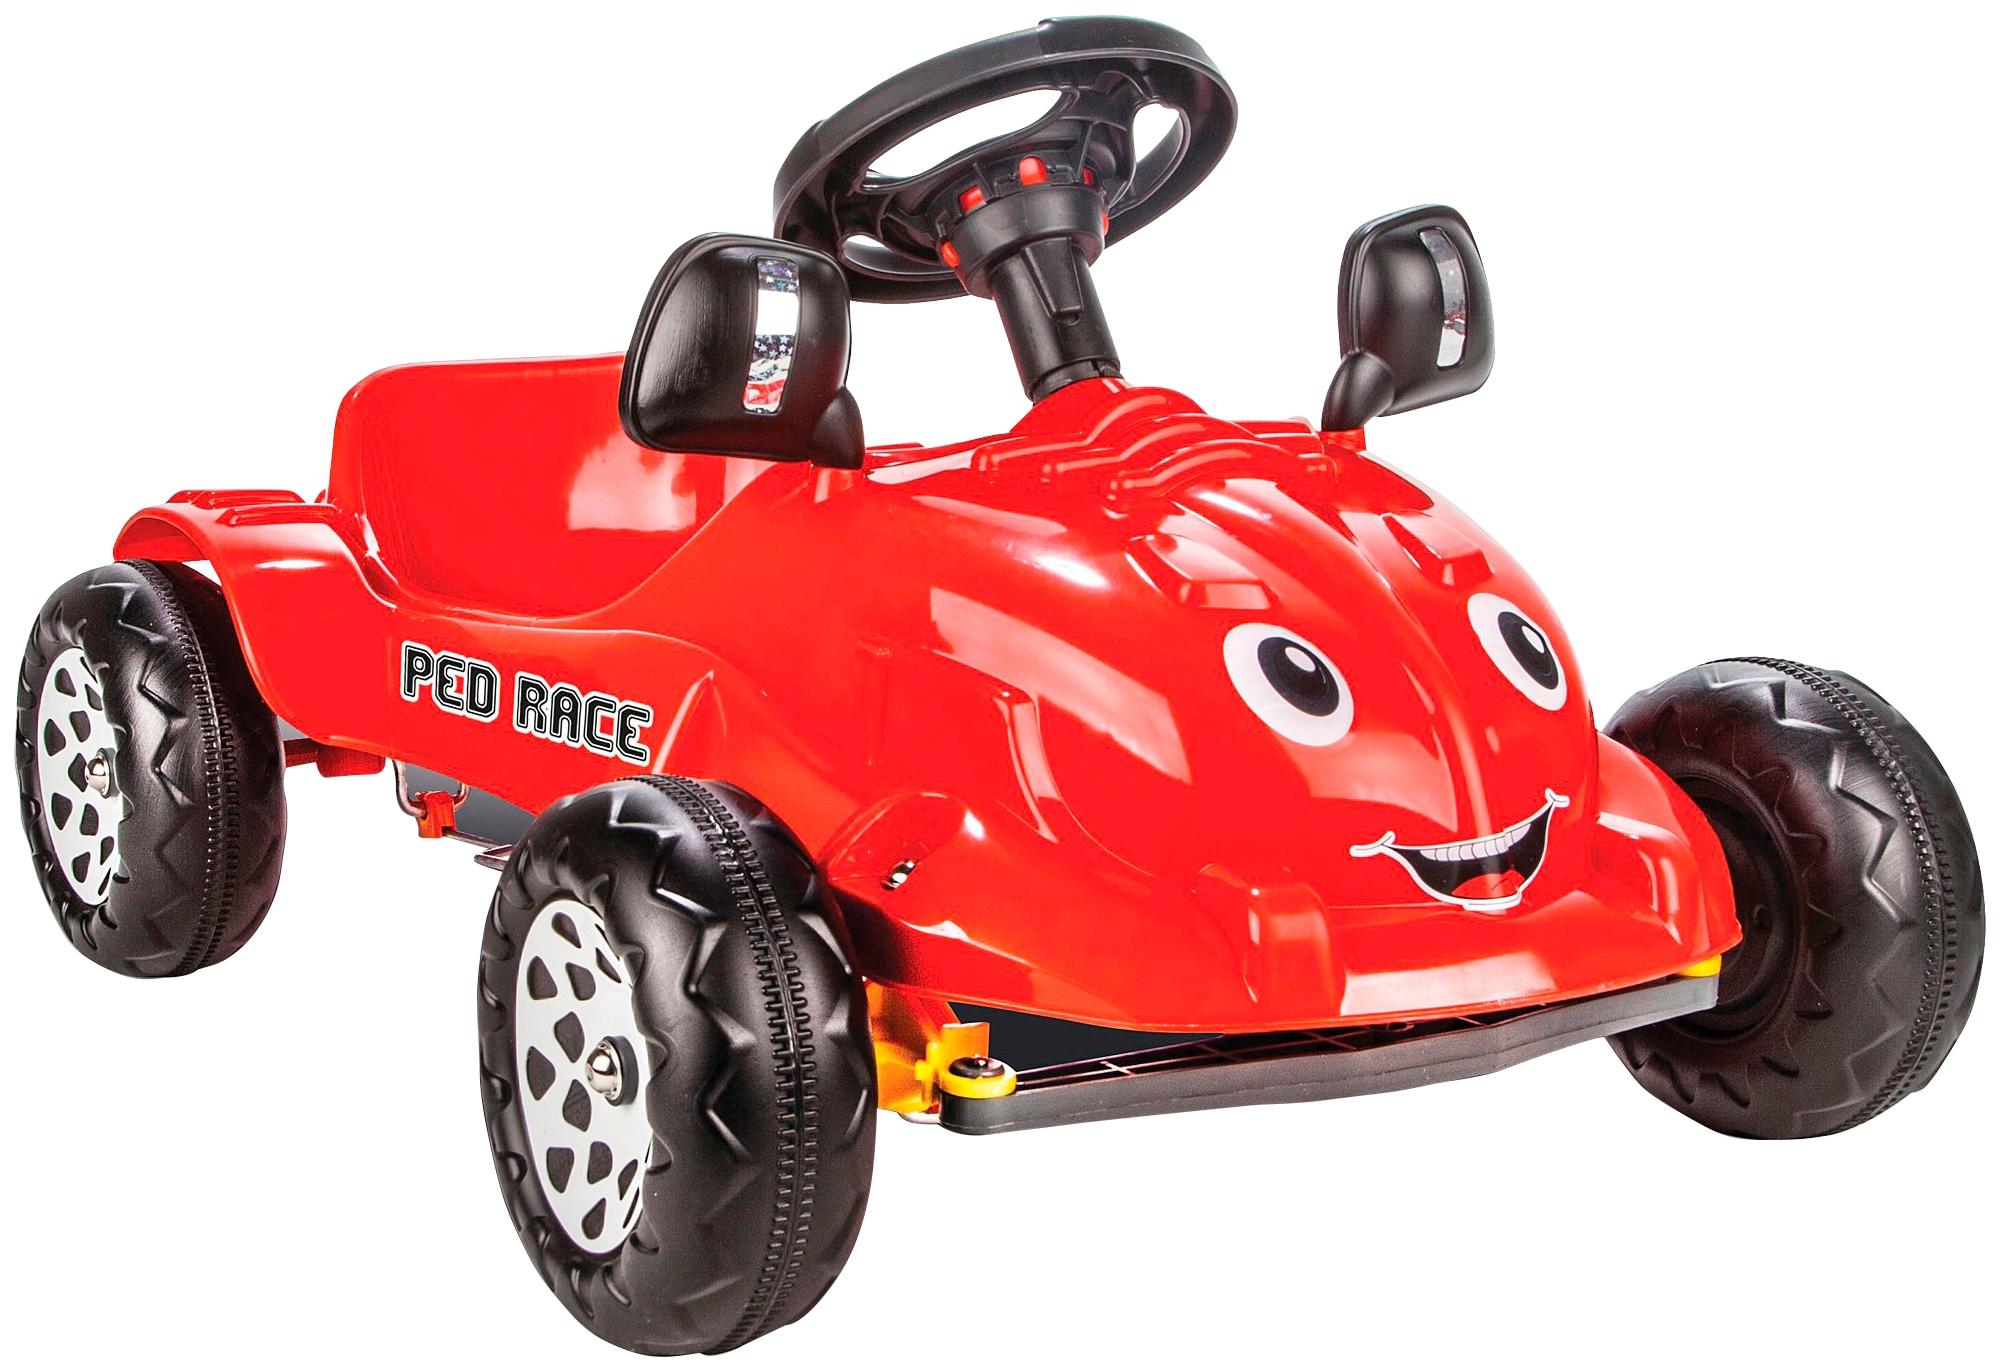 Jamara Tretfahrzeug Tretauto Ped Race rot Kinder Kettcar Kinderfahrzeuge